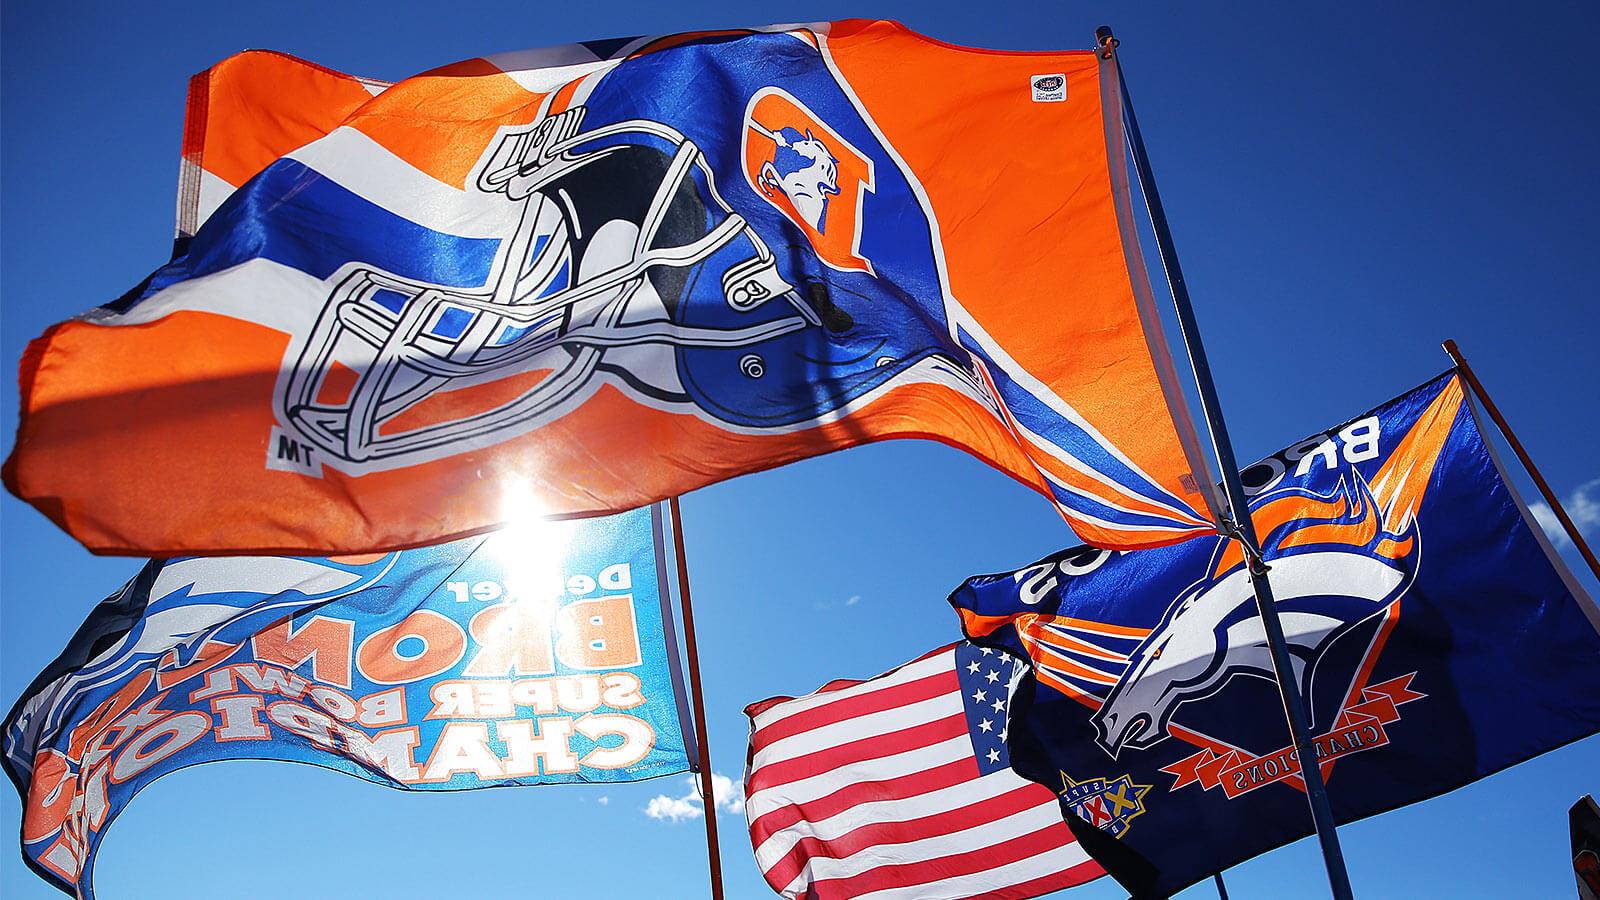 2016 NFL Season Kick-Off   The Denver Ear